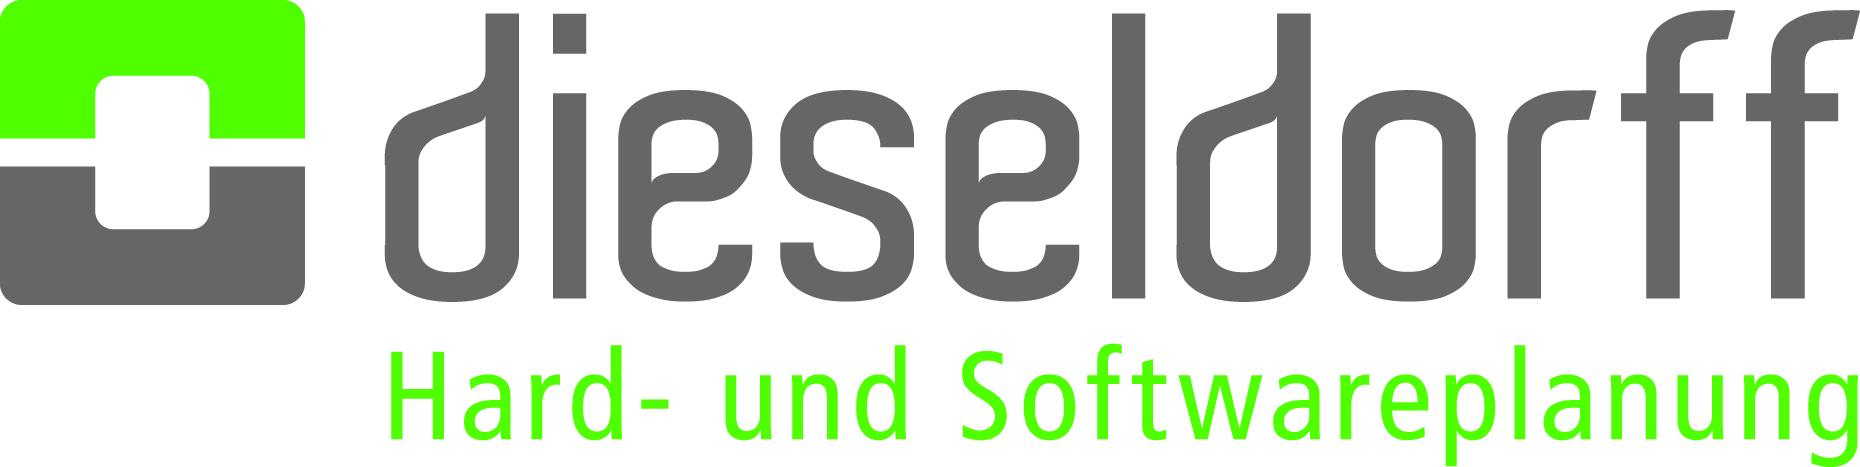 Hard- und Softwareplanung Dieseldorff